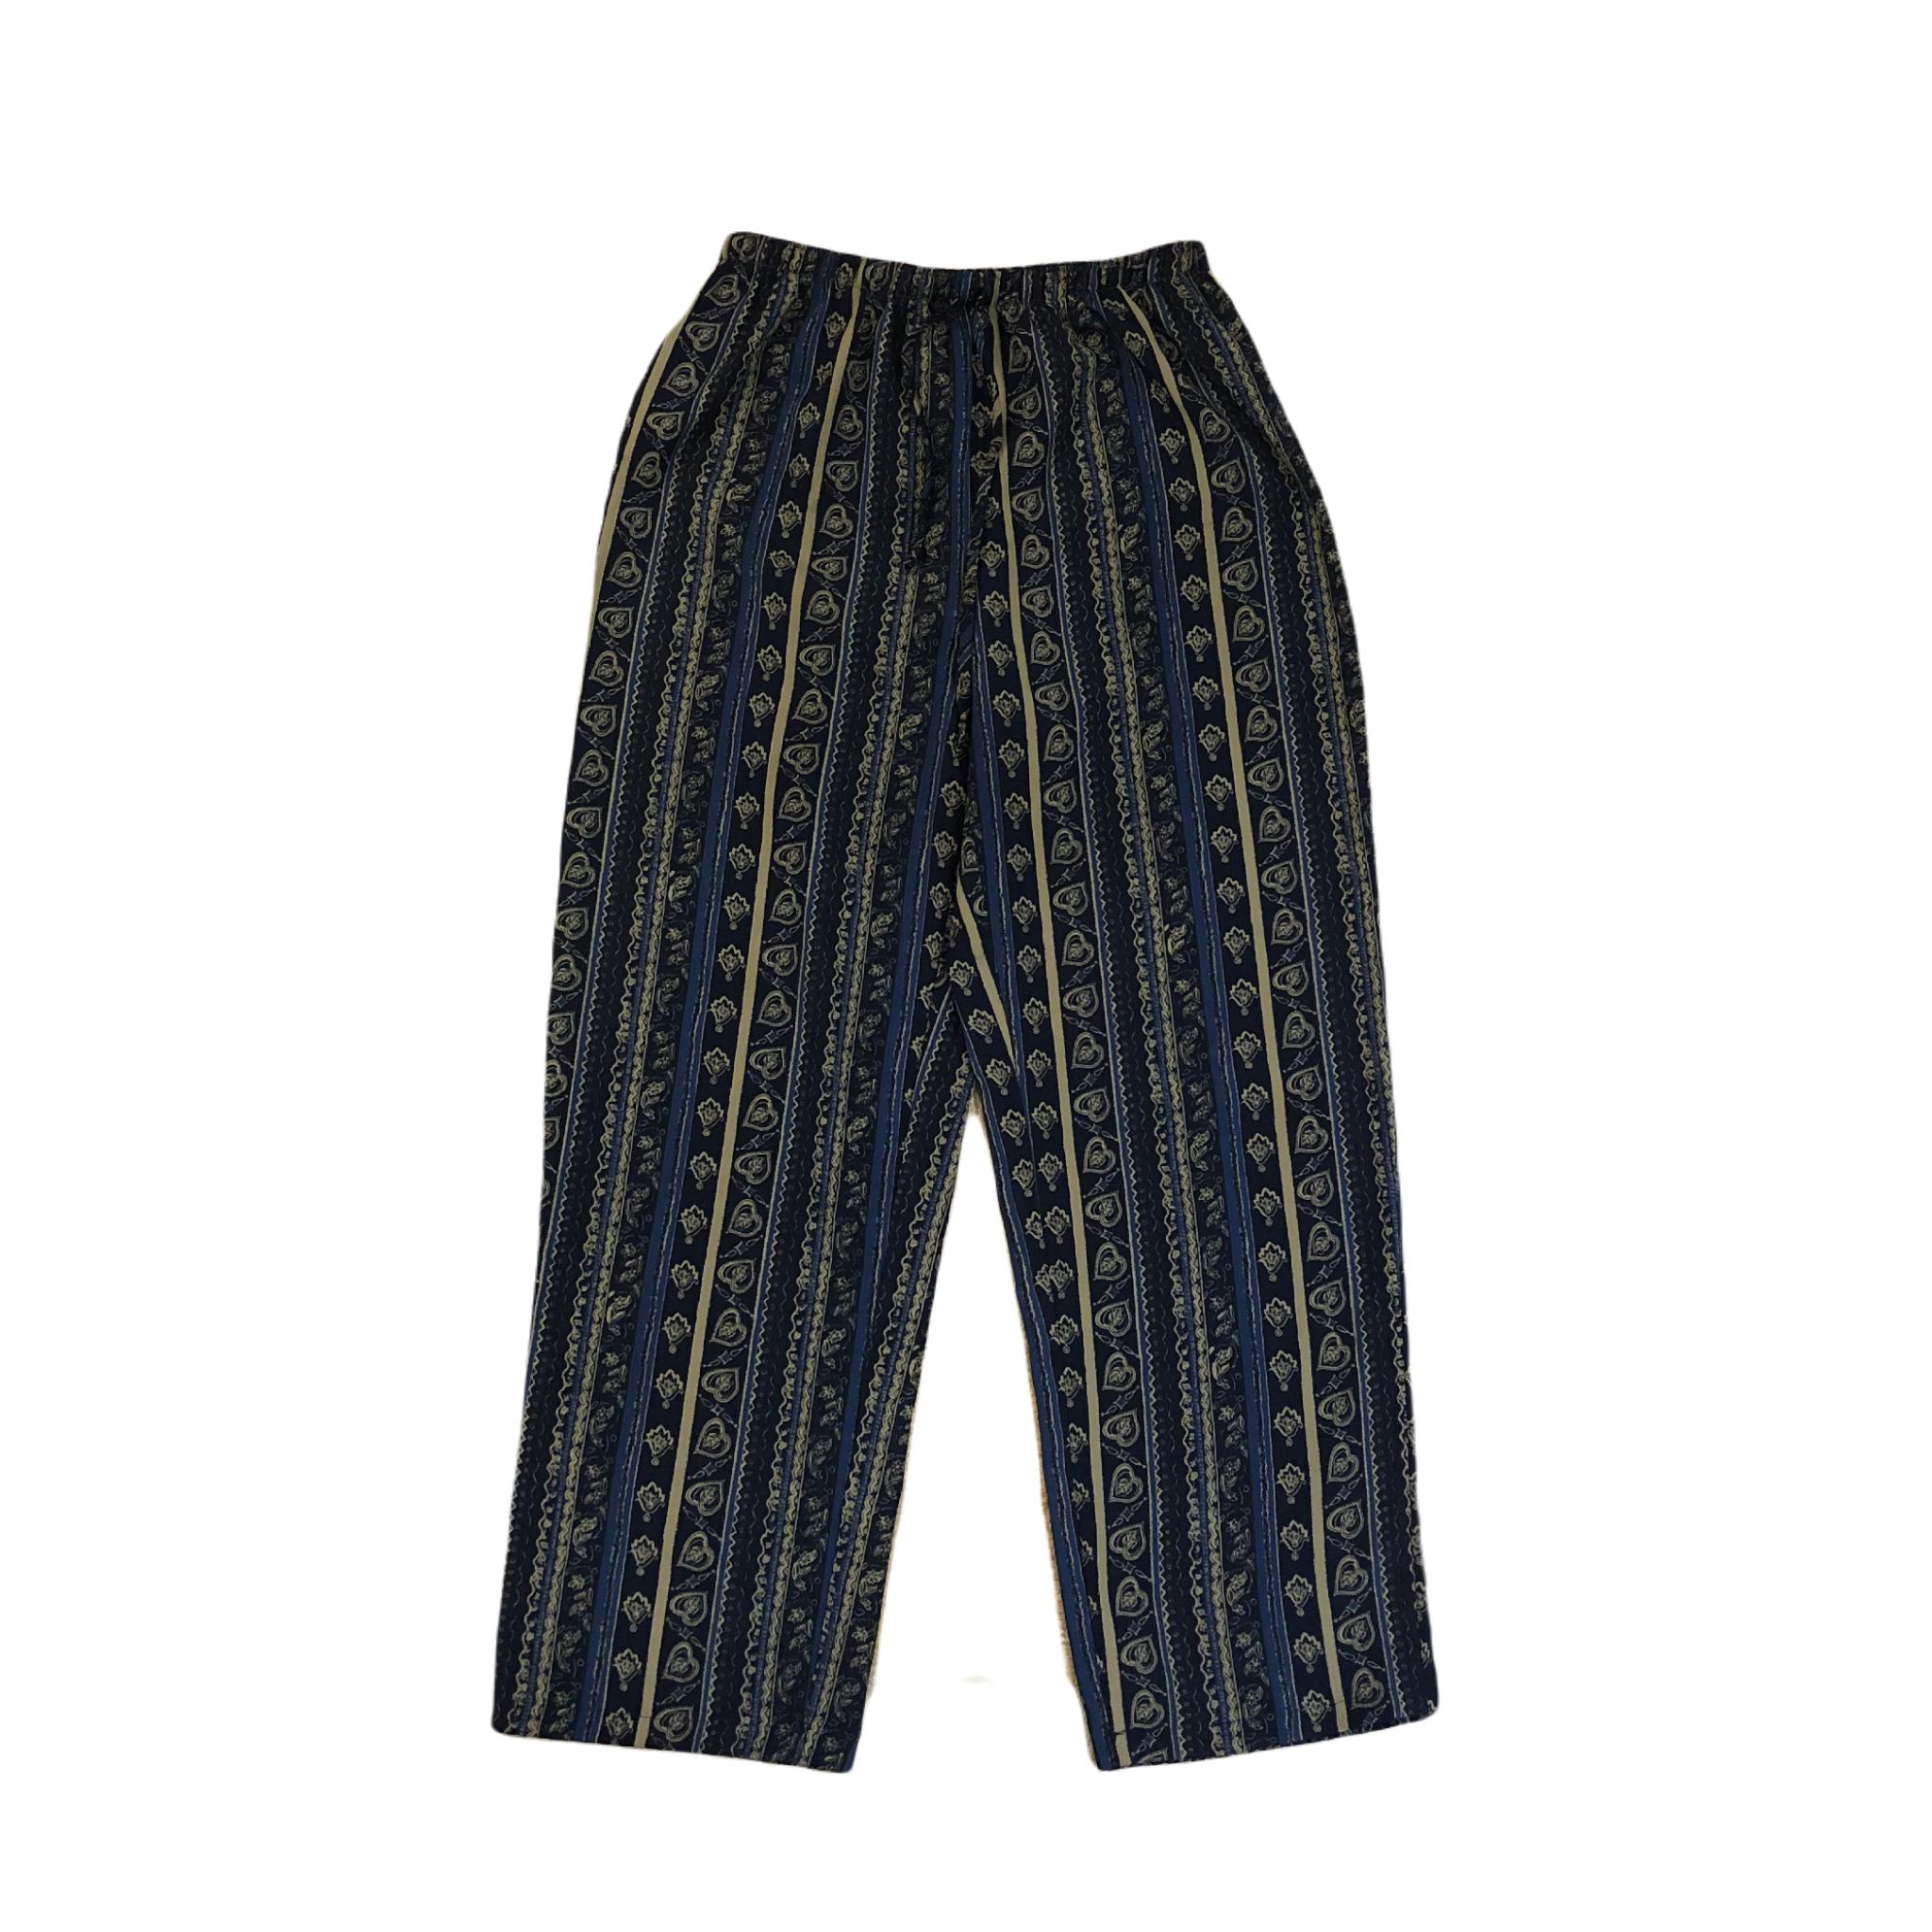 Jessica Eazy Pants ¥5,200+tax